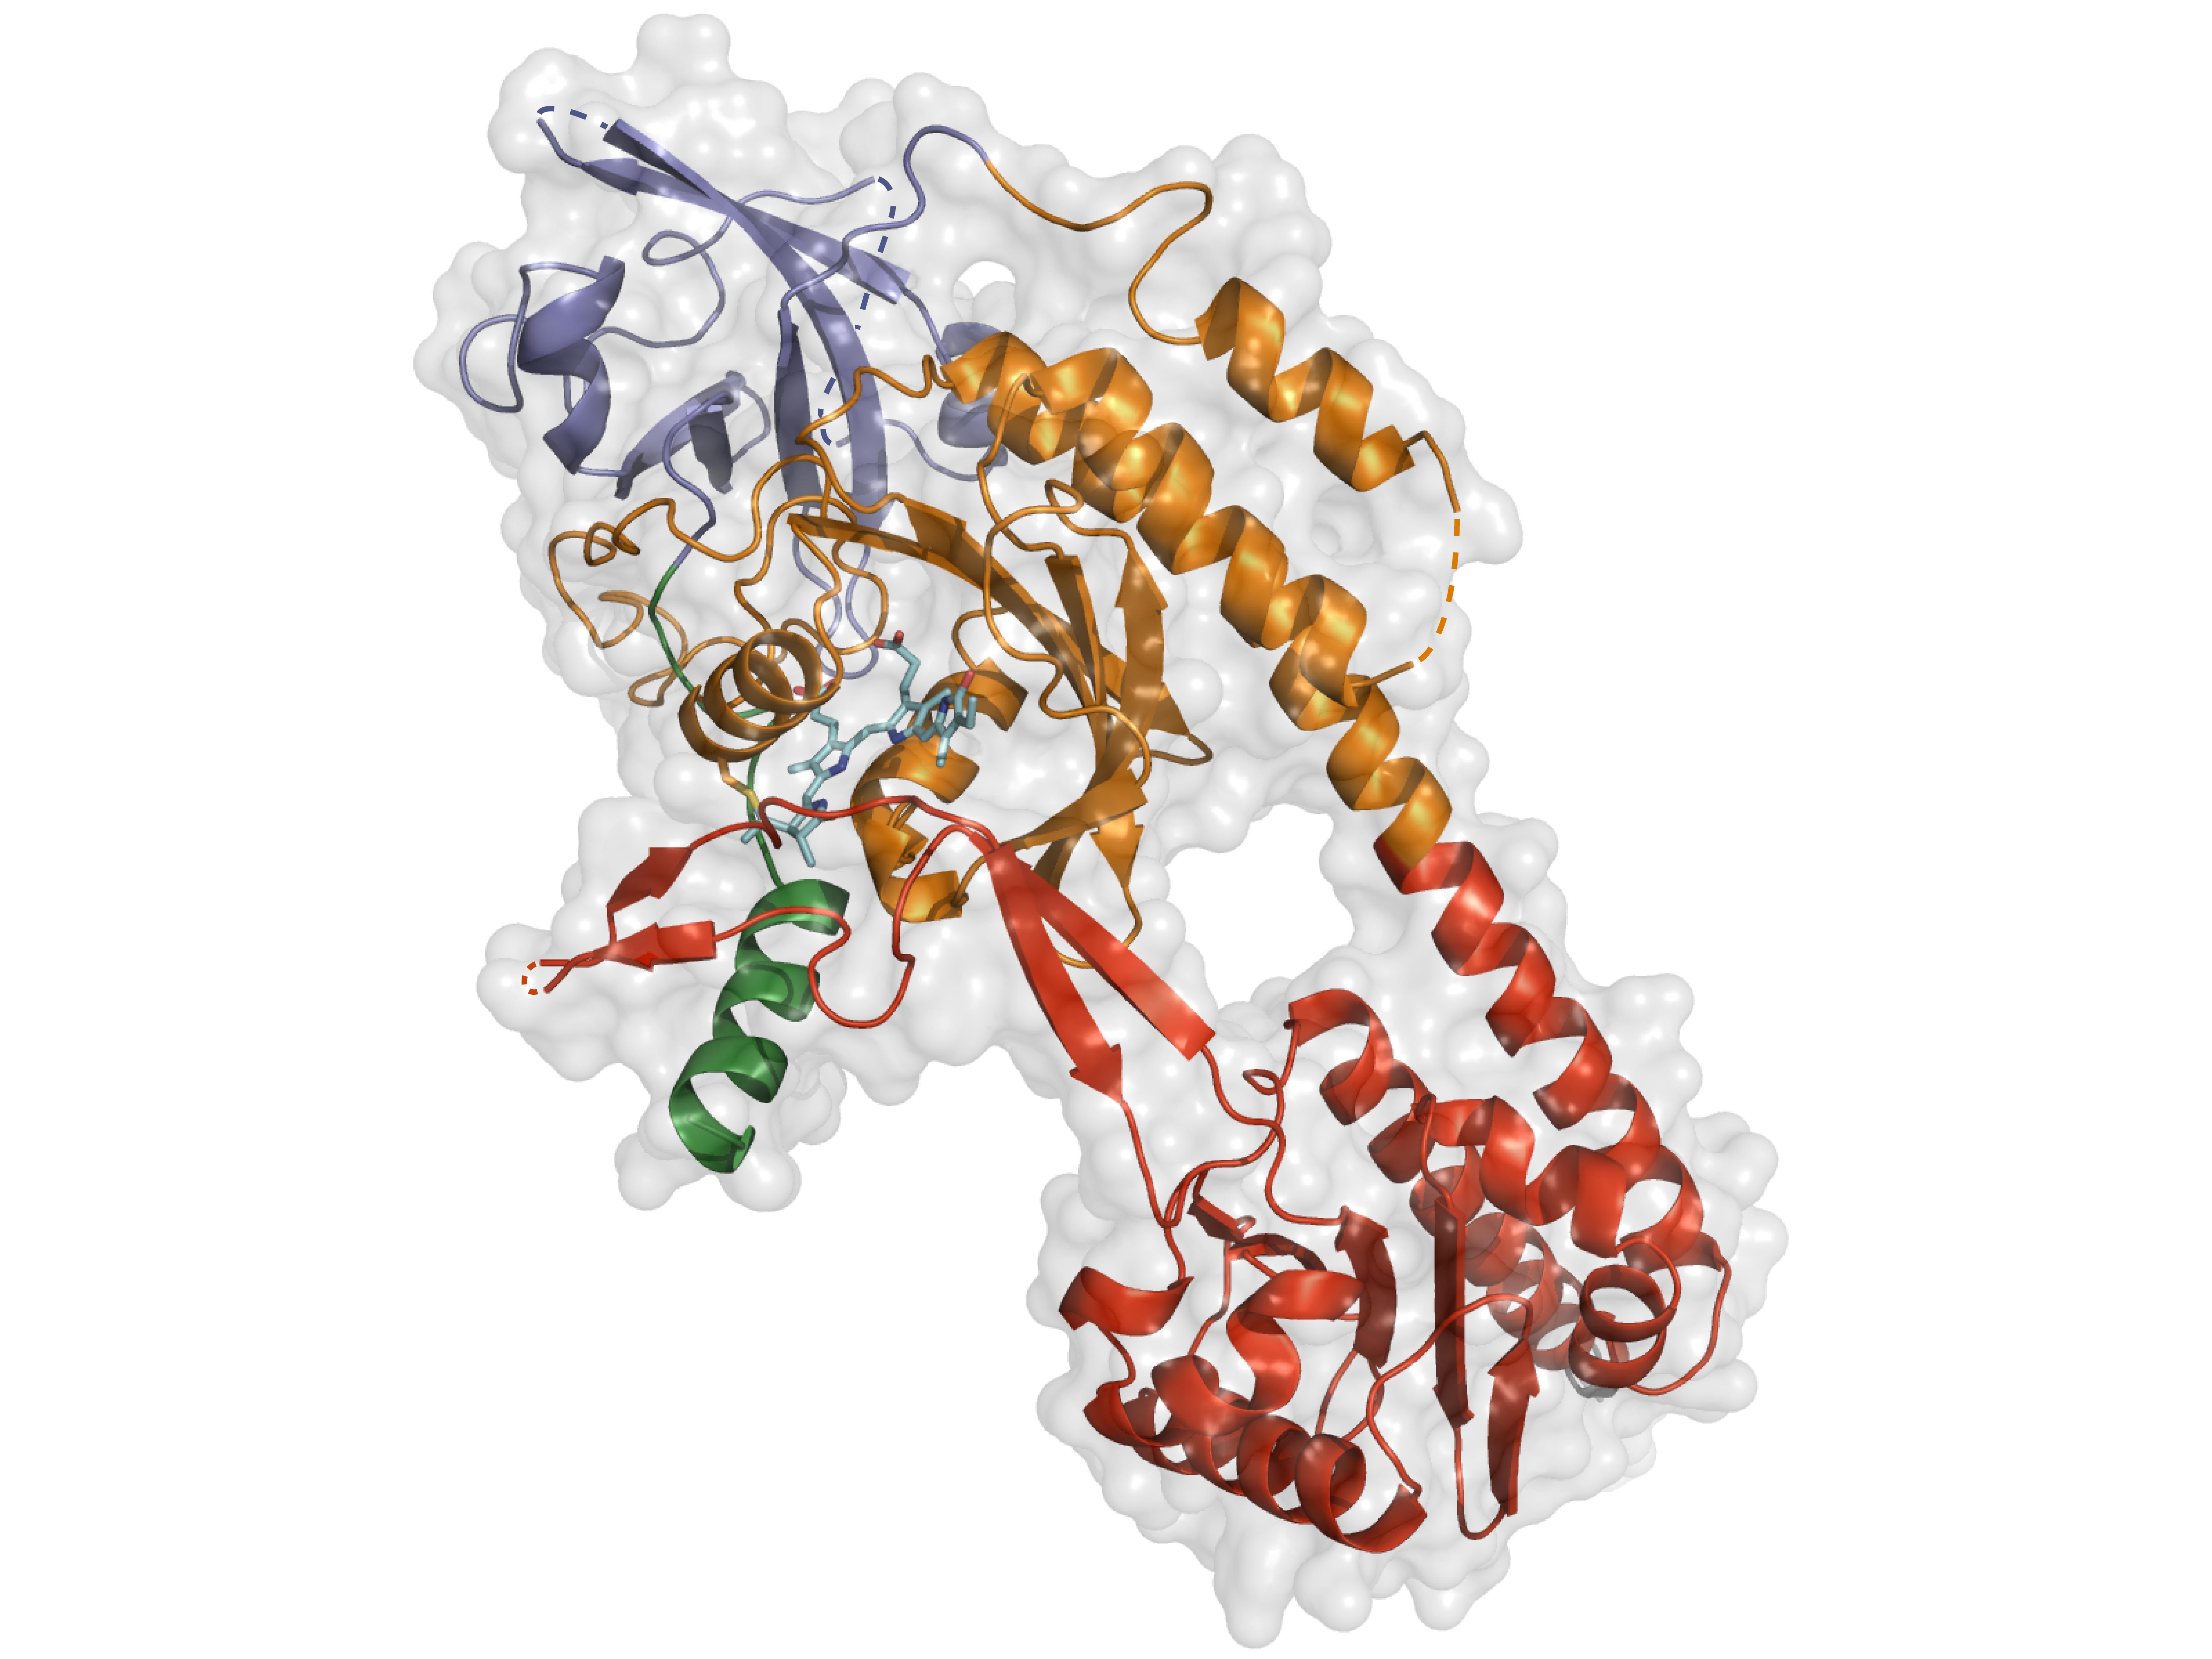 Phytochrom